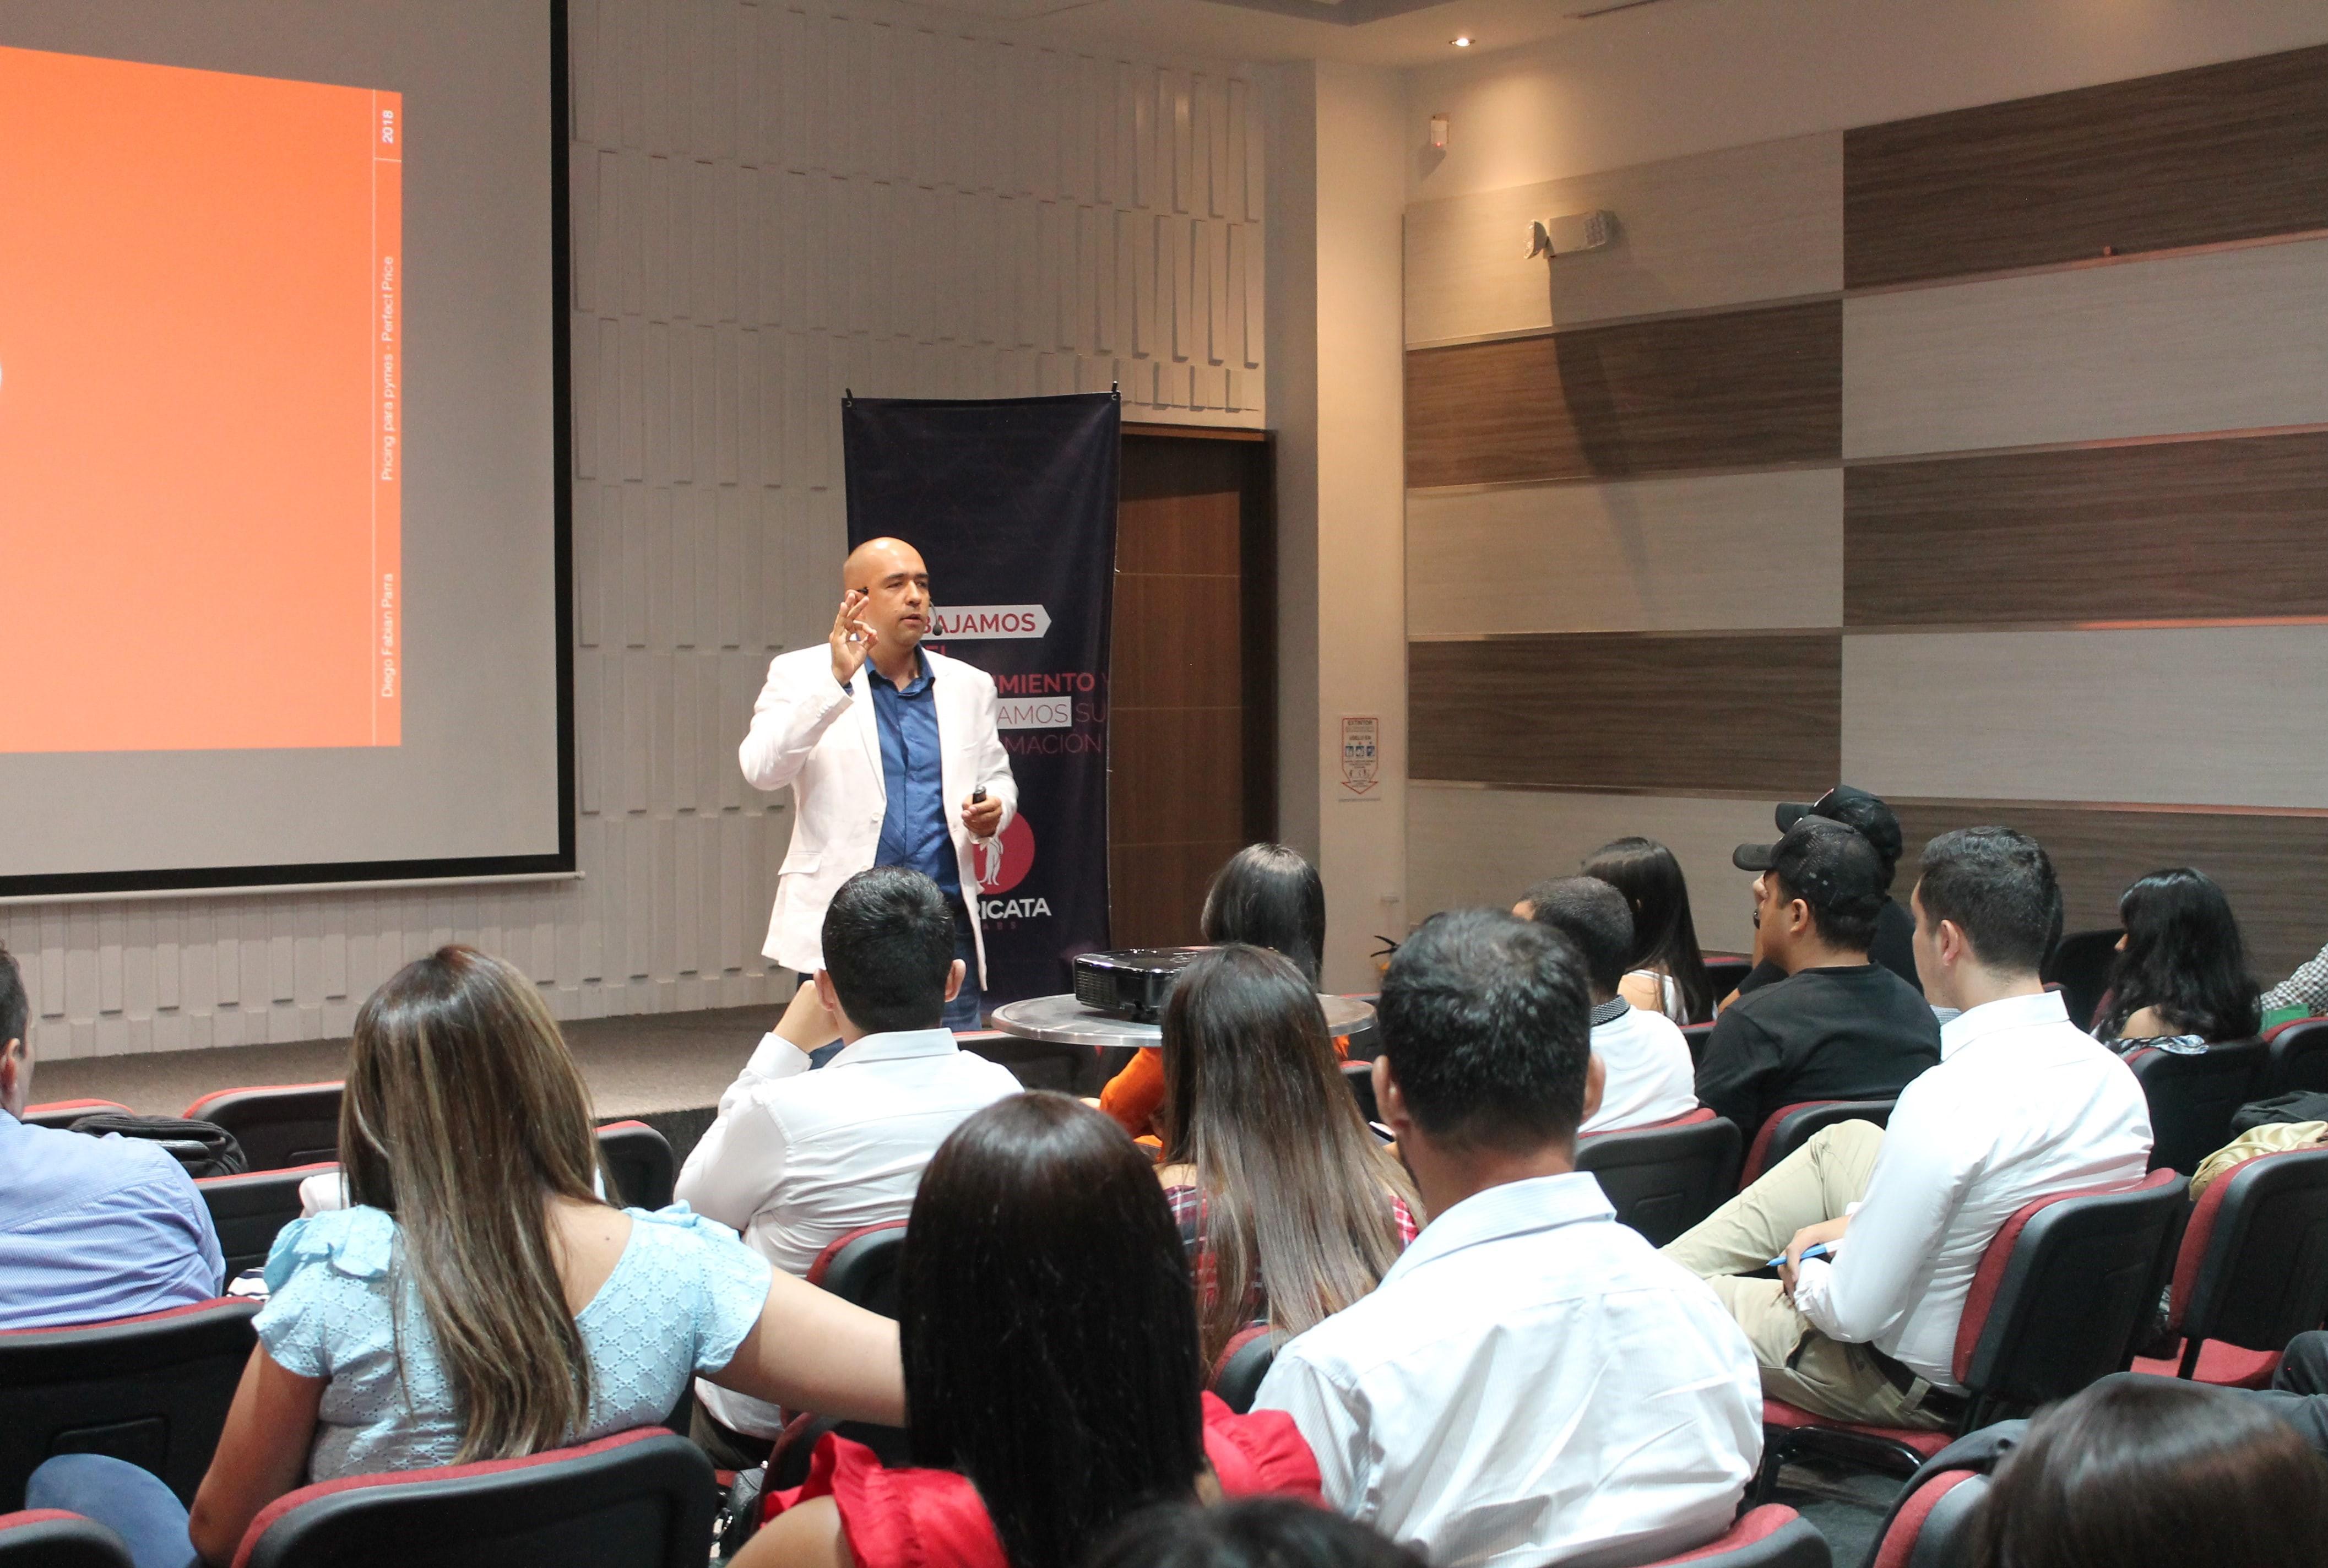 https://suricatalabs.com/wp-content/uploads/2019/09/diego-parra-en-charla-para-emprendedores.jpg